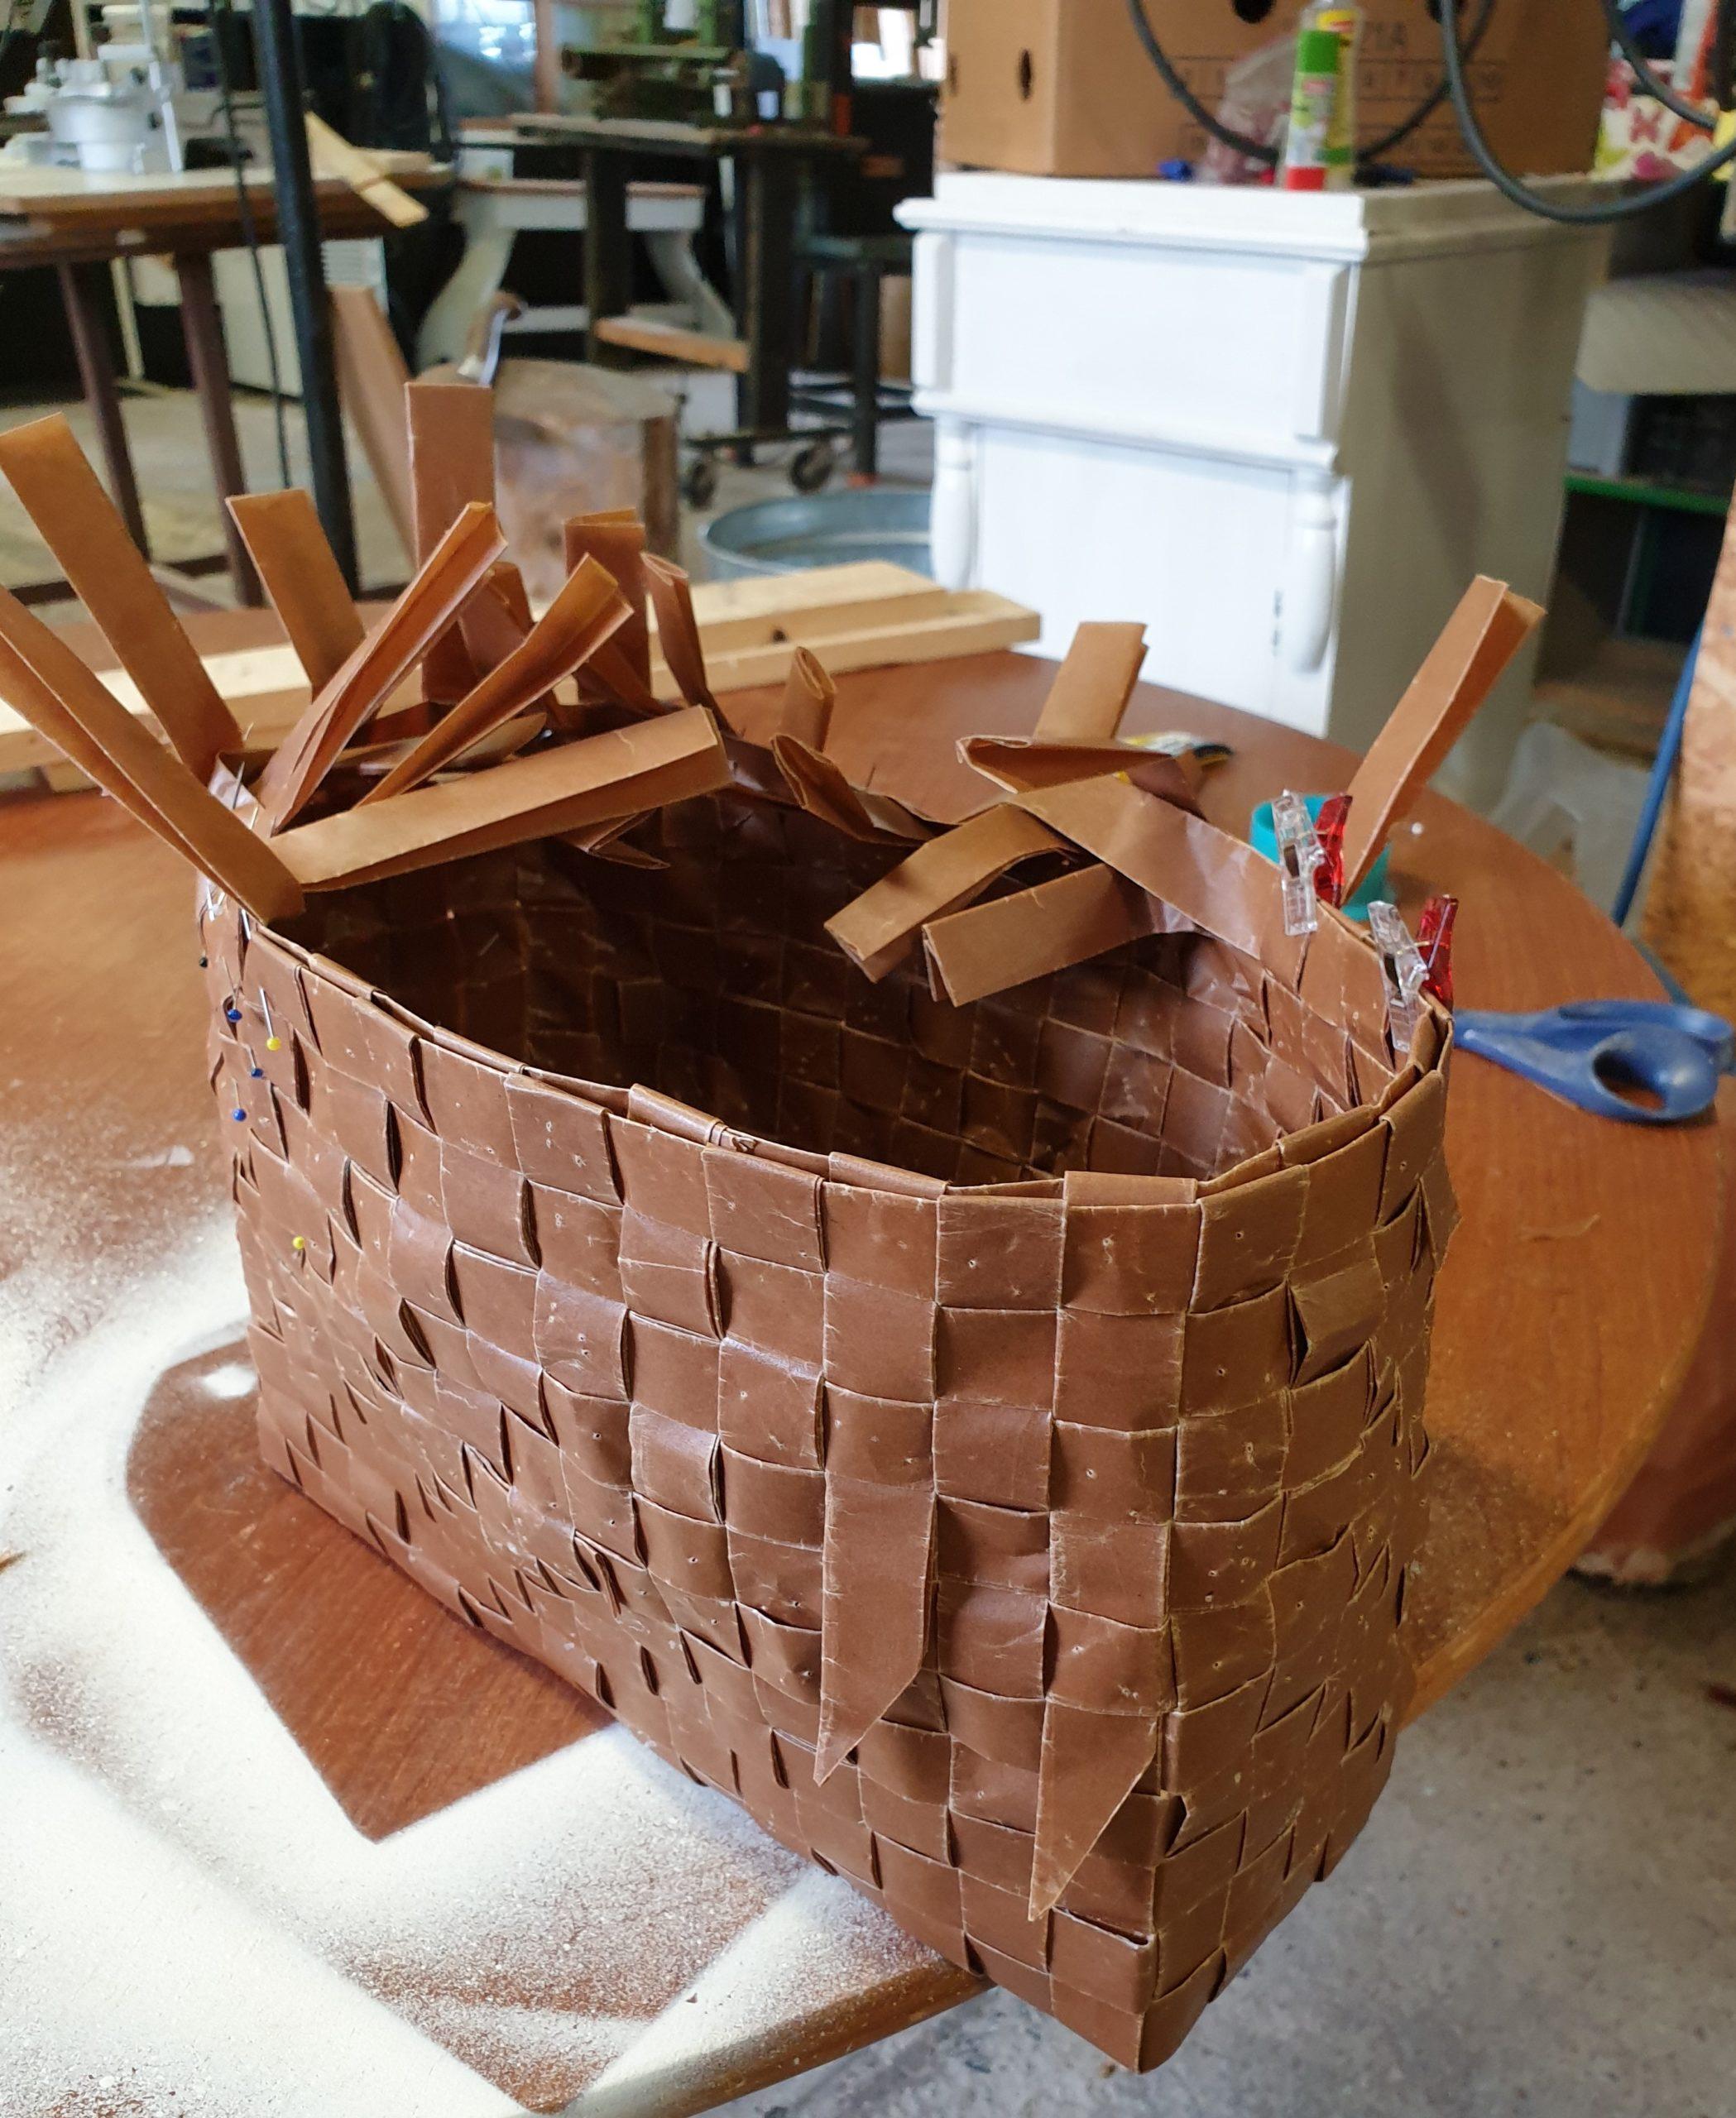 September 25, 2021 Osterlen's museum Flat baskets